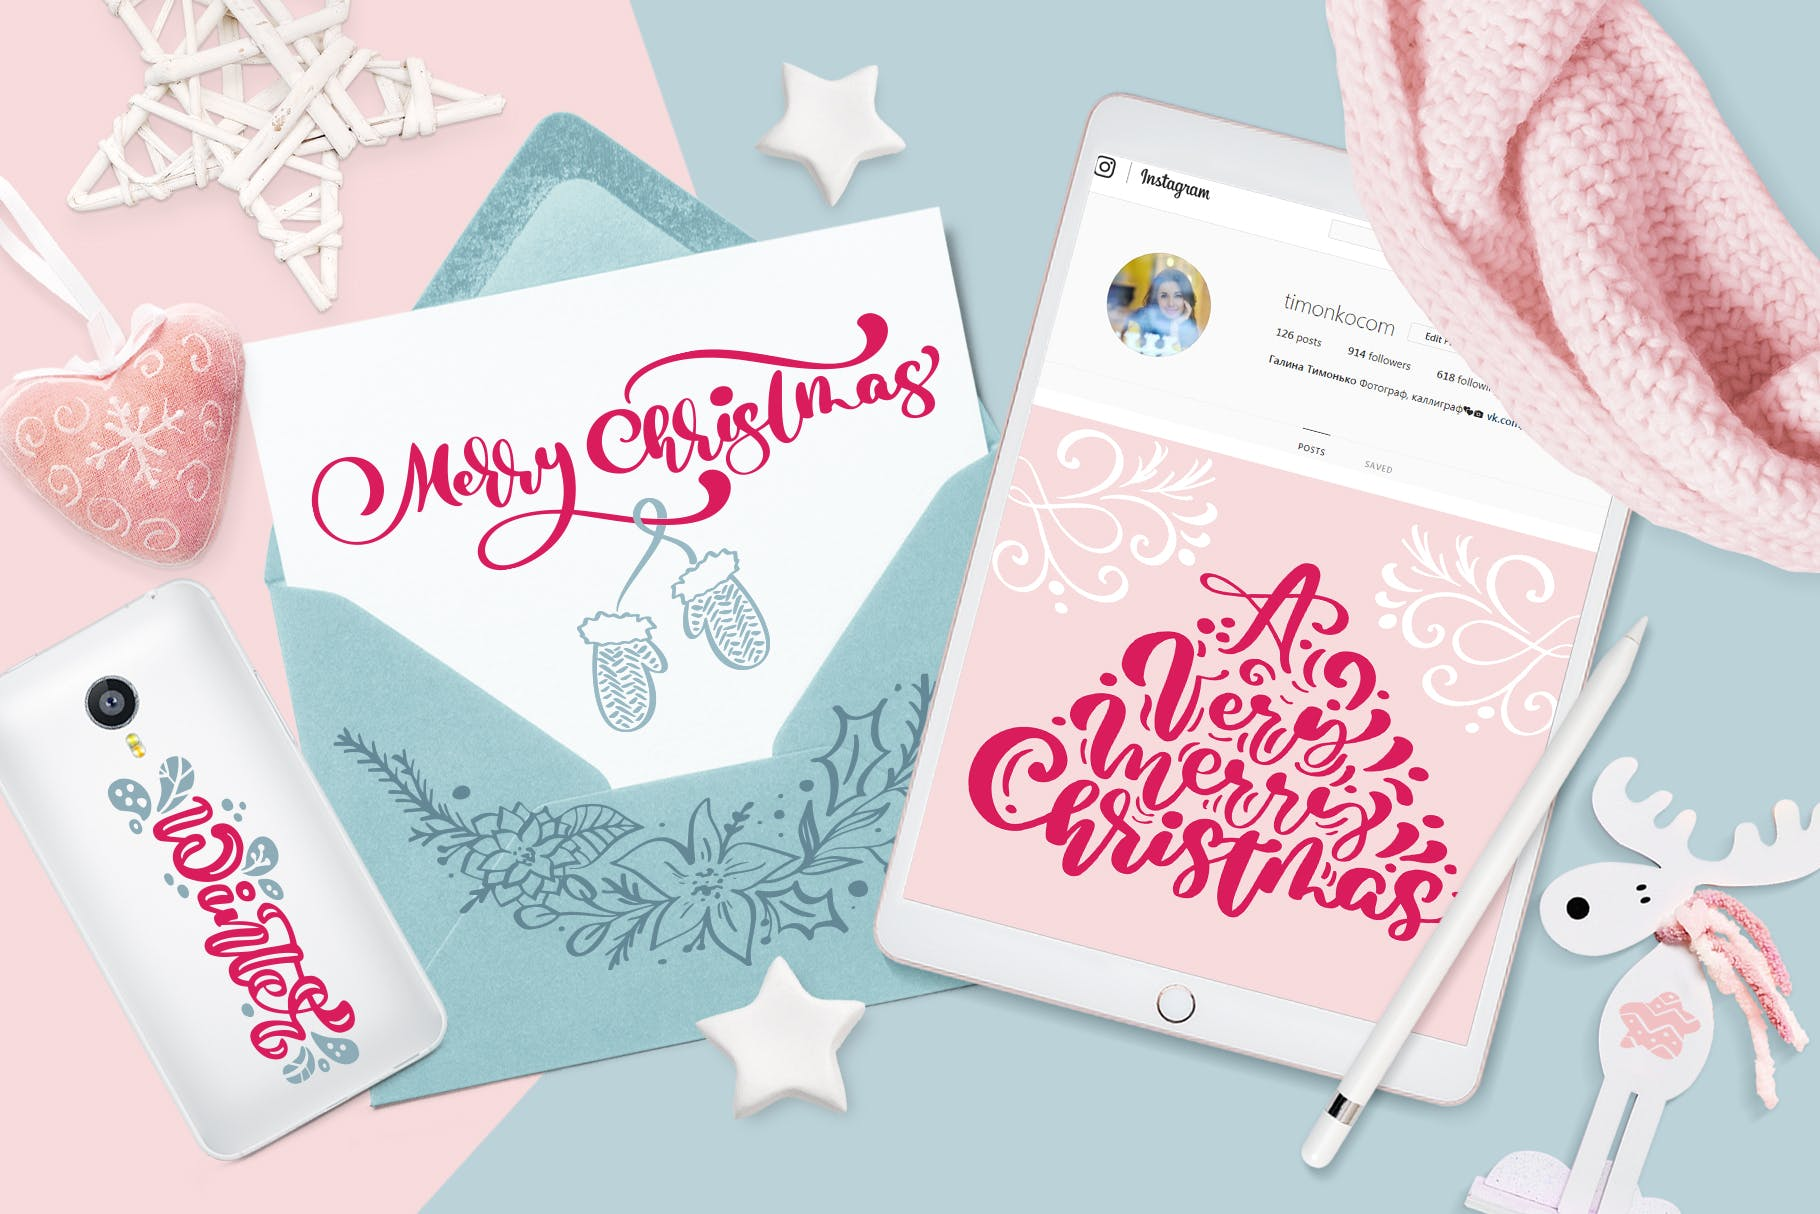 圣诞节元素雪花/星星/手套/礼物图案花纹装饰图案模板Christmas lettering quotes design插图(4)